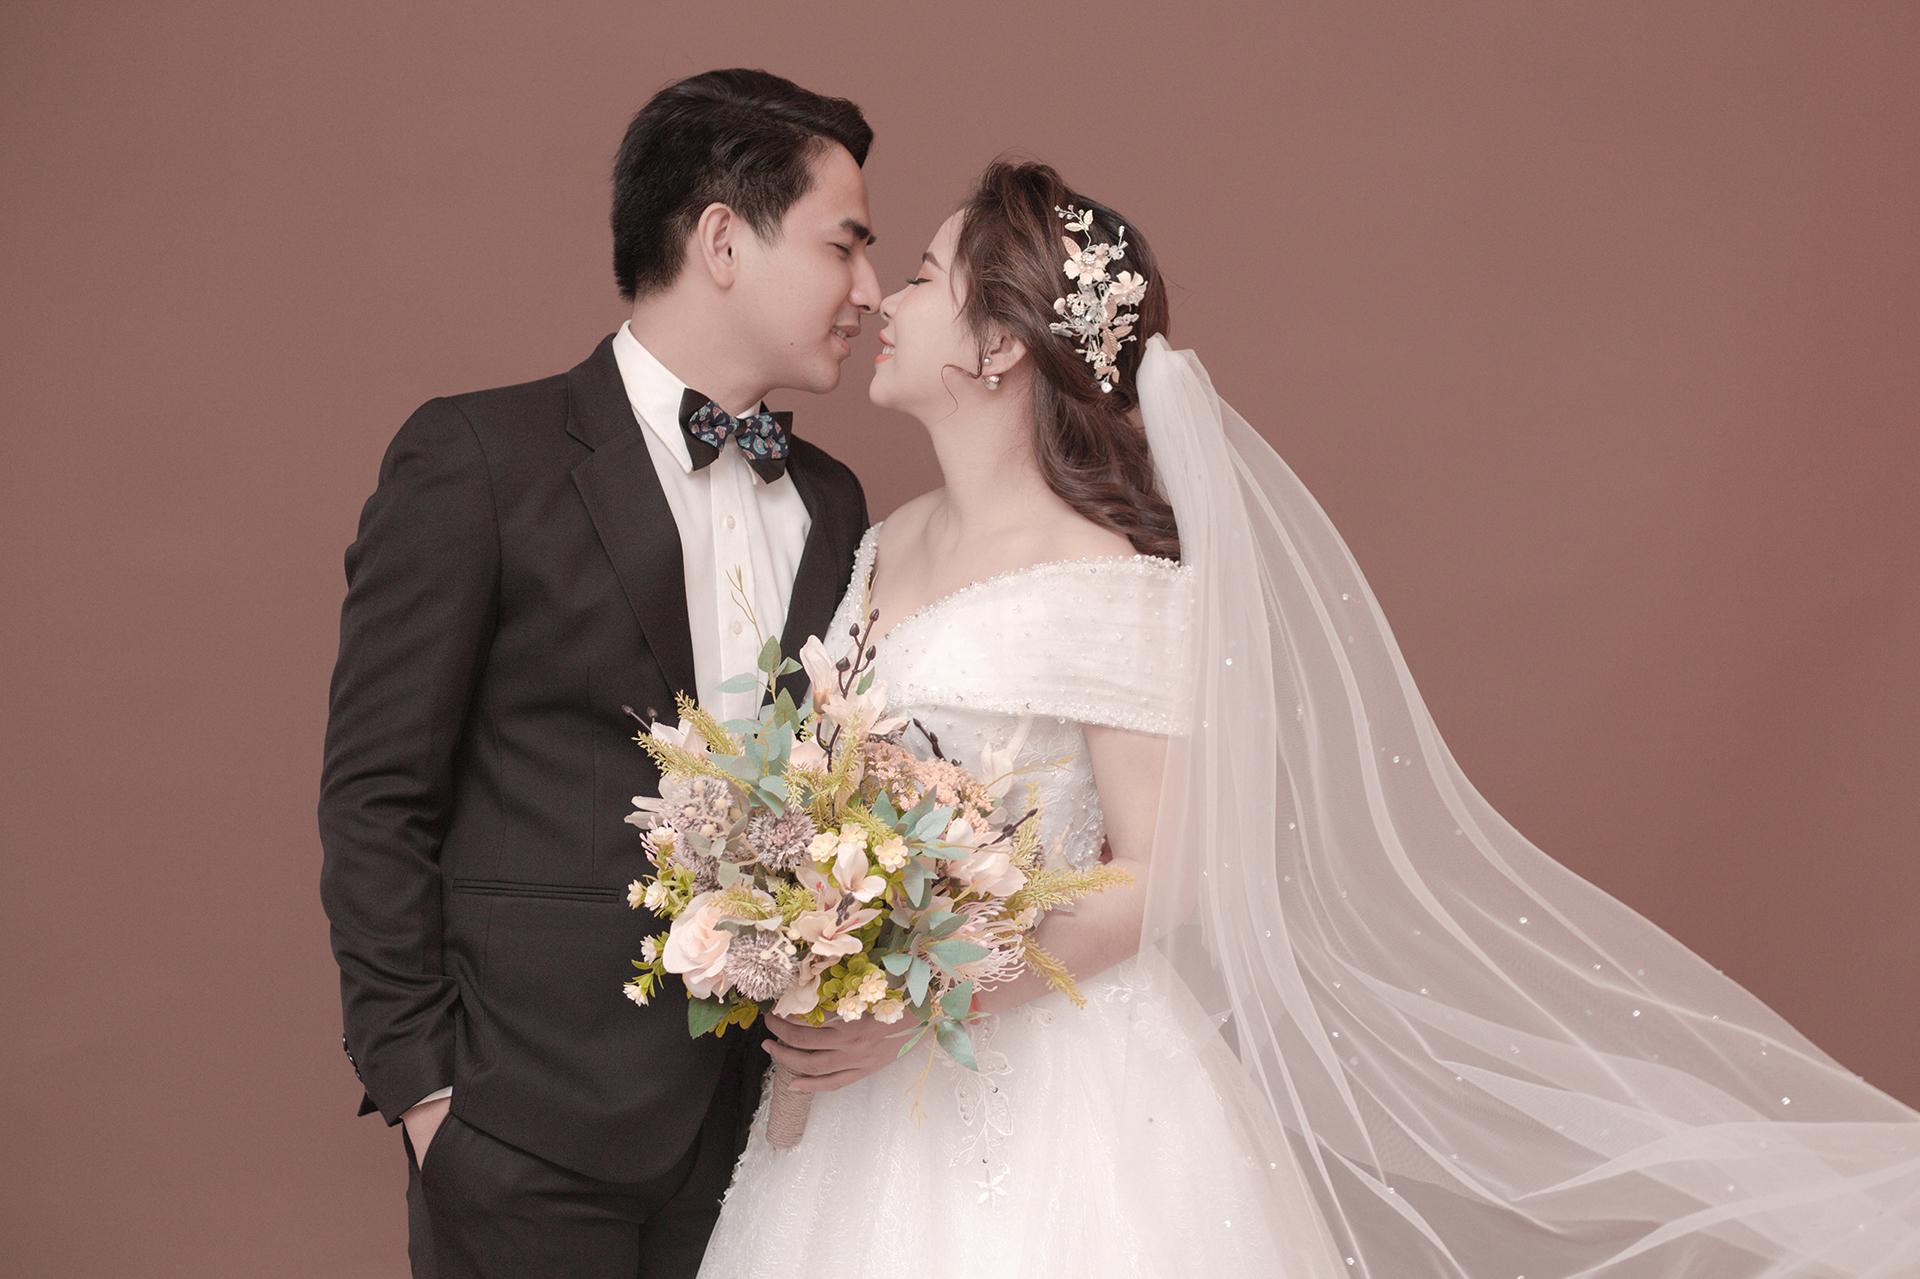 Báo giá chụp ảnh cưới studio Hàn Quốc lộng lẩy